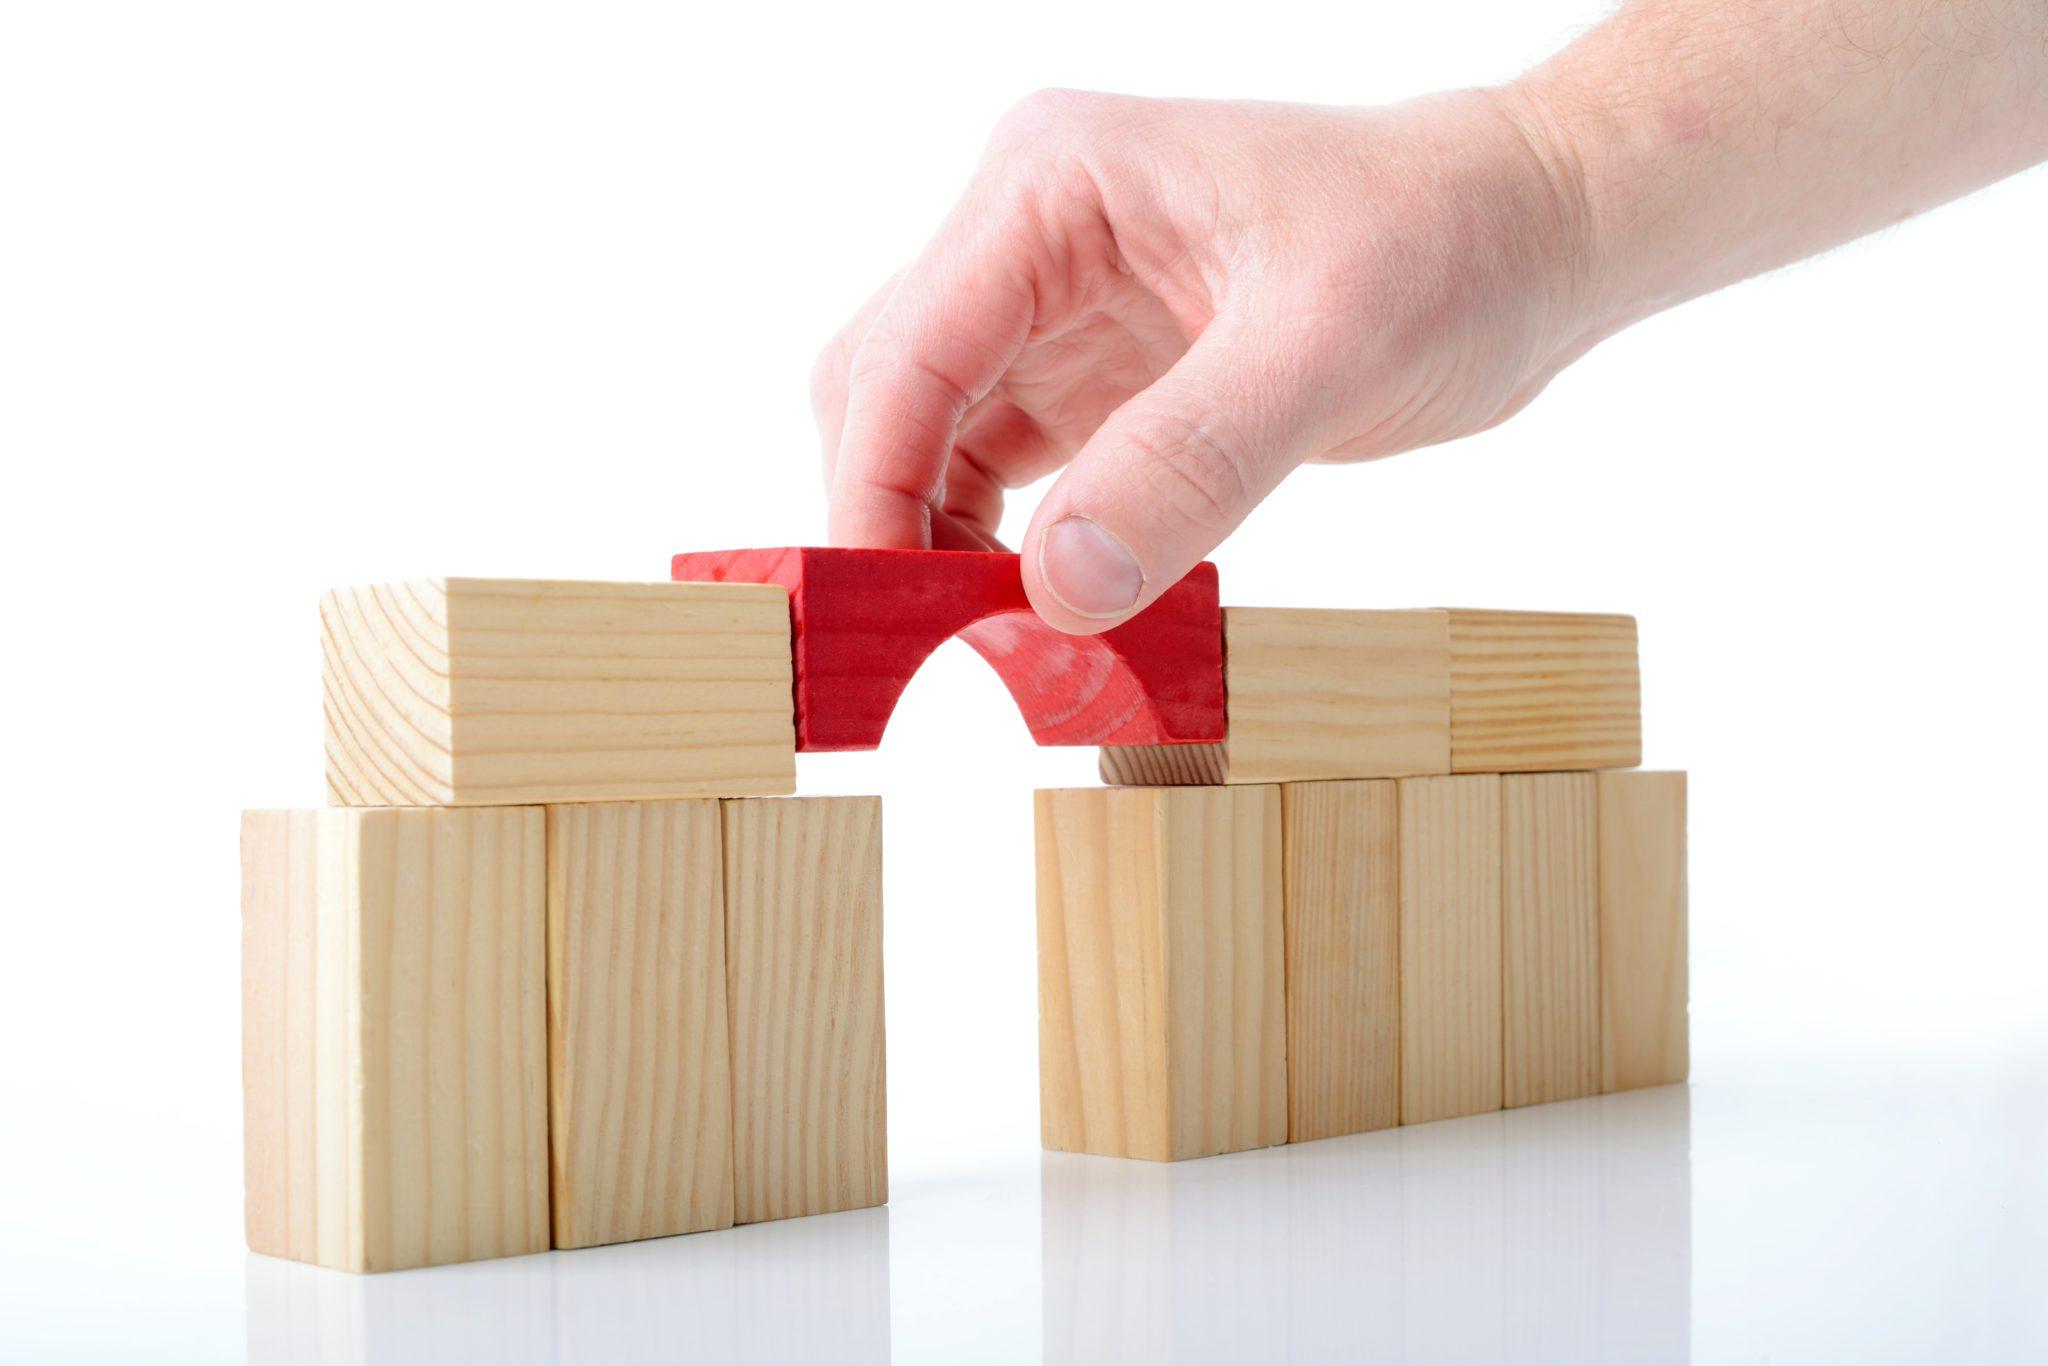 Costruzione di ponti,creare punti di collegamento tra esigenze e impossibilità